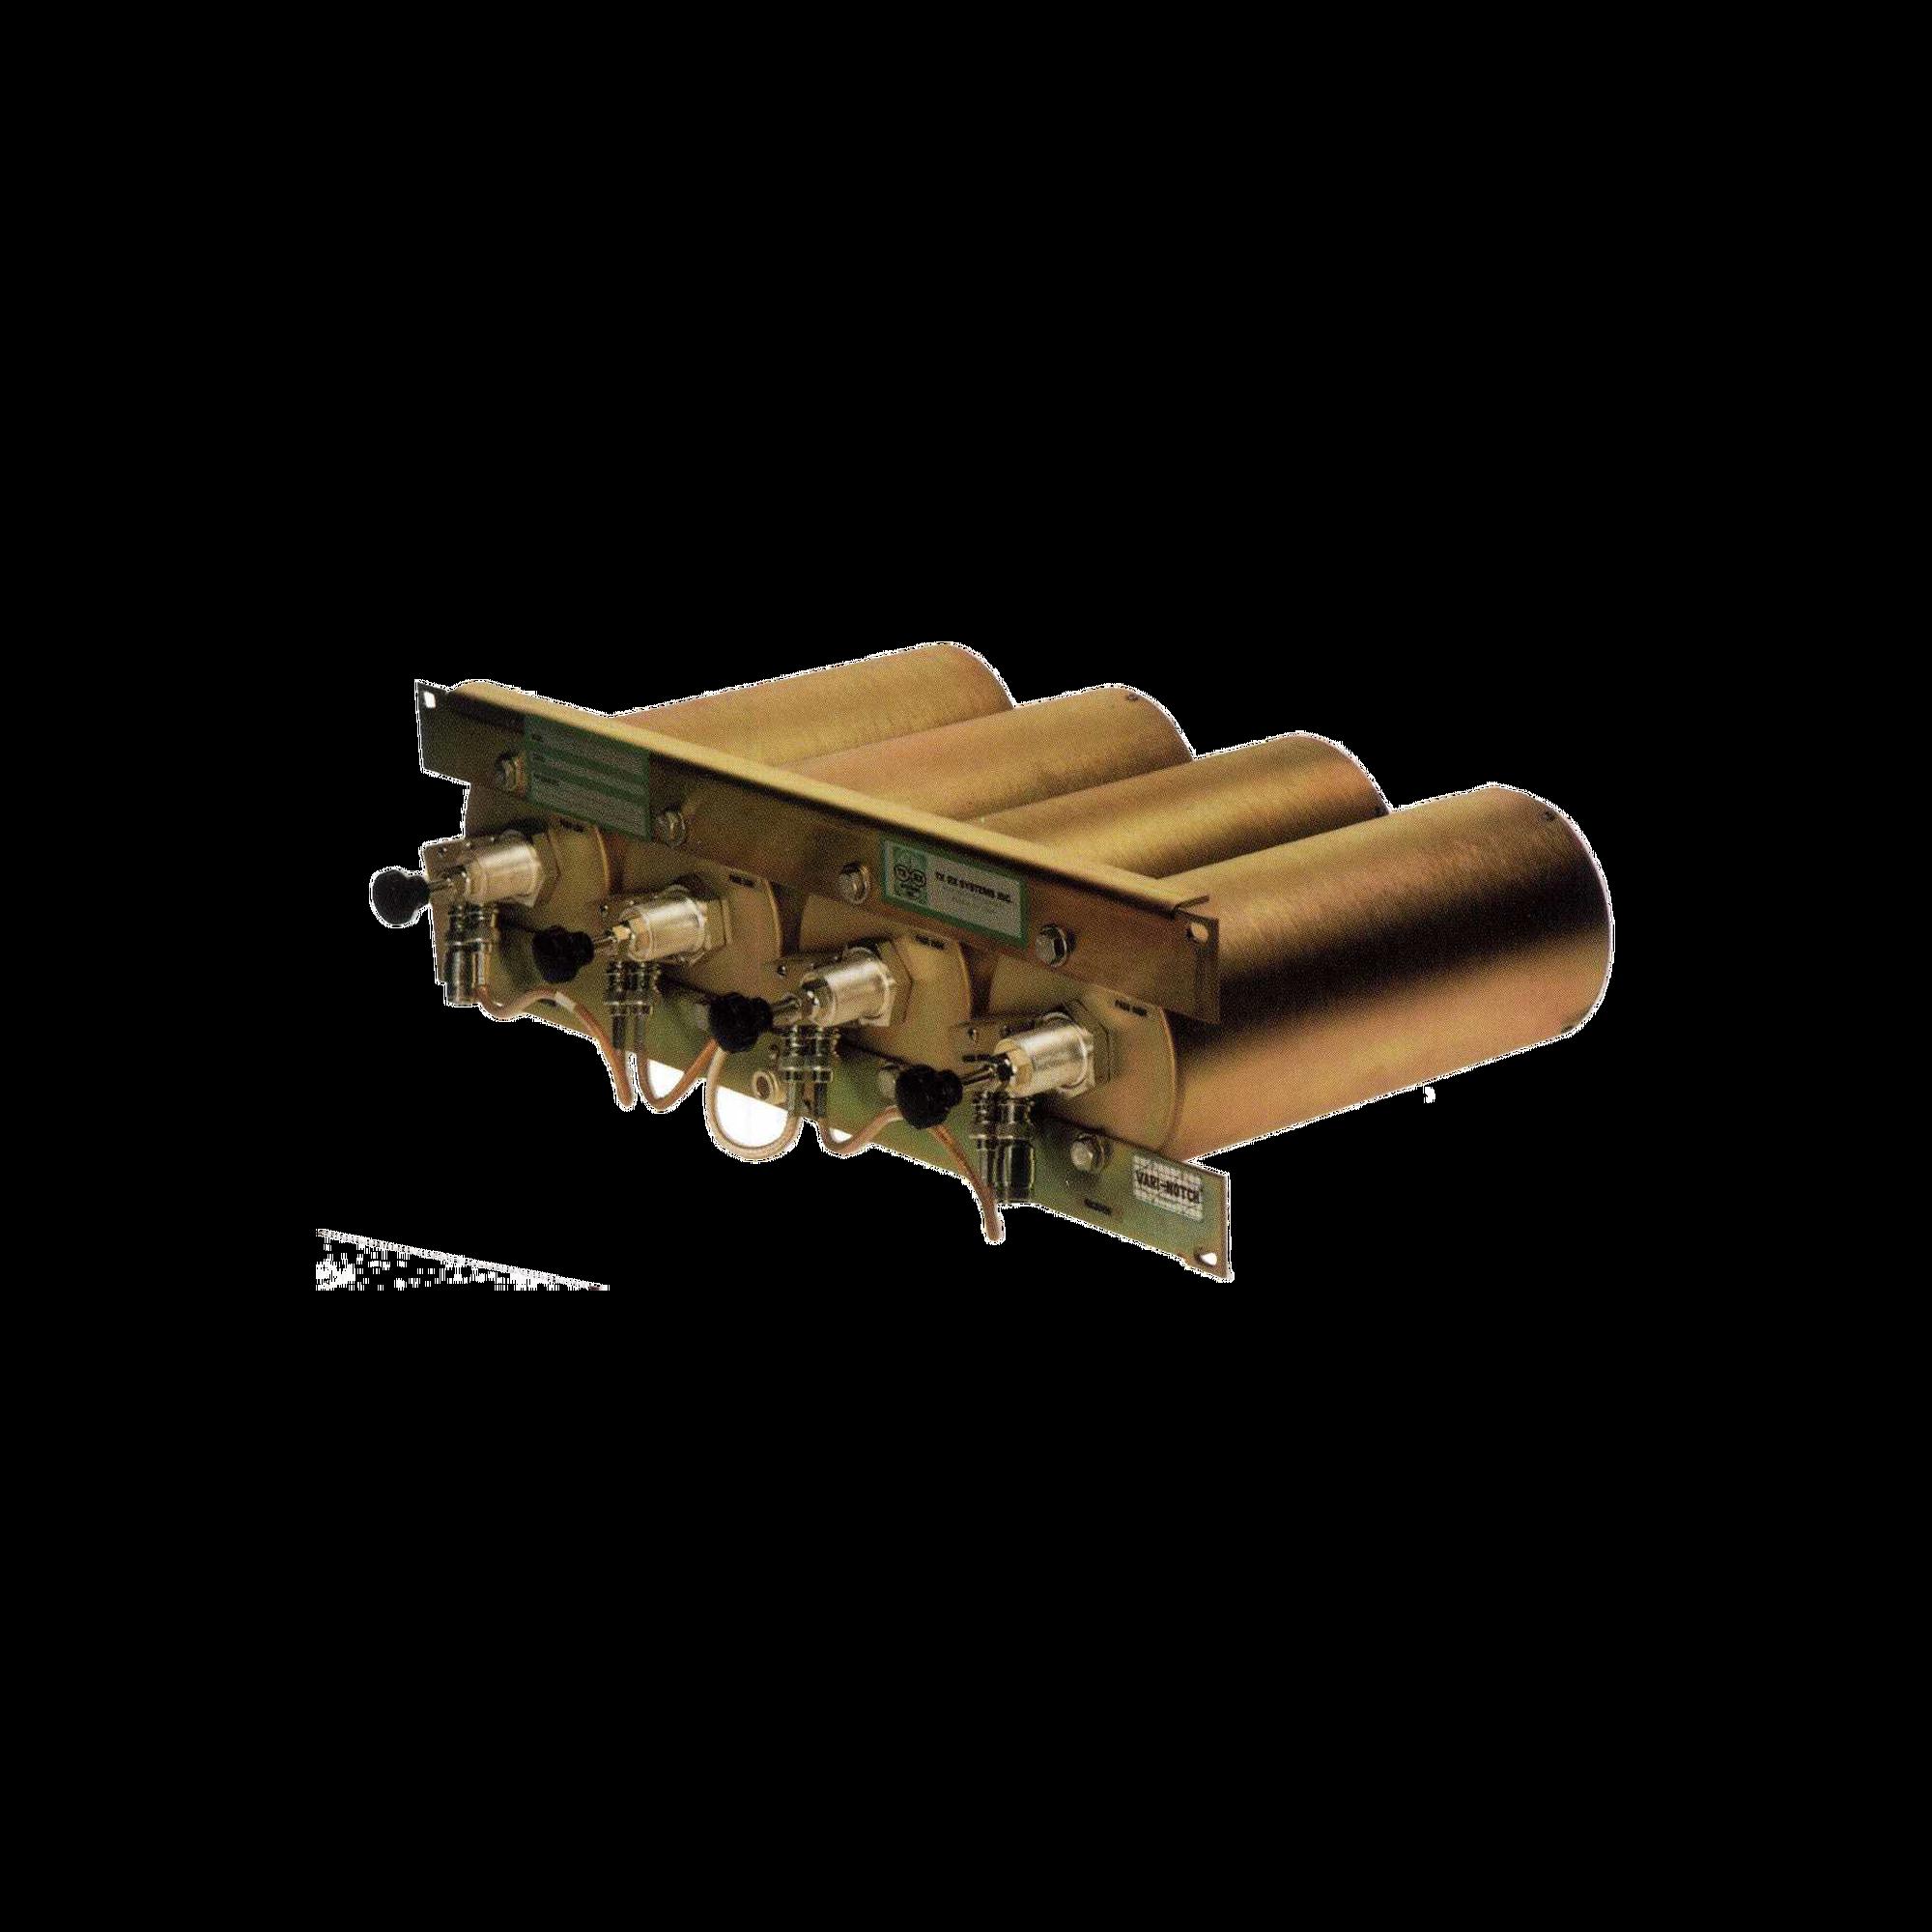 Duplexer Pasa Banda-Rechazo de Banda, 442-450 MHz, 4 Cavidades (4 Dia.) 5 MHz, 350 Watt, N Hem.